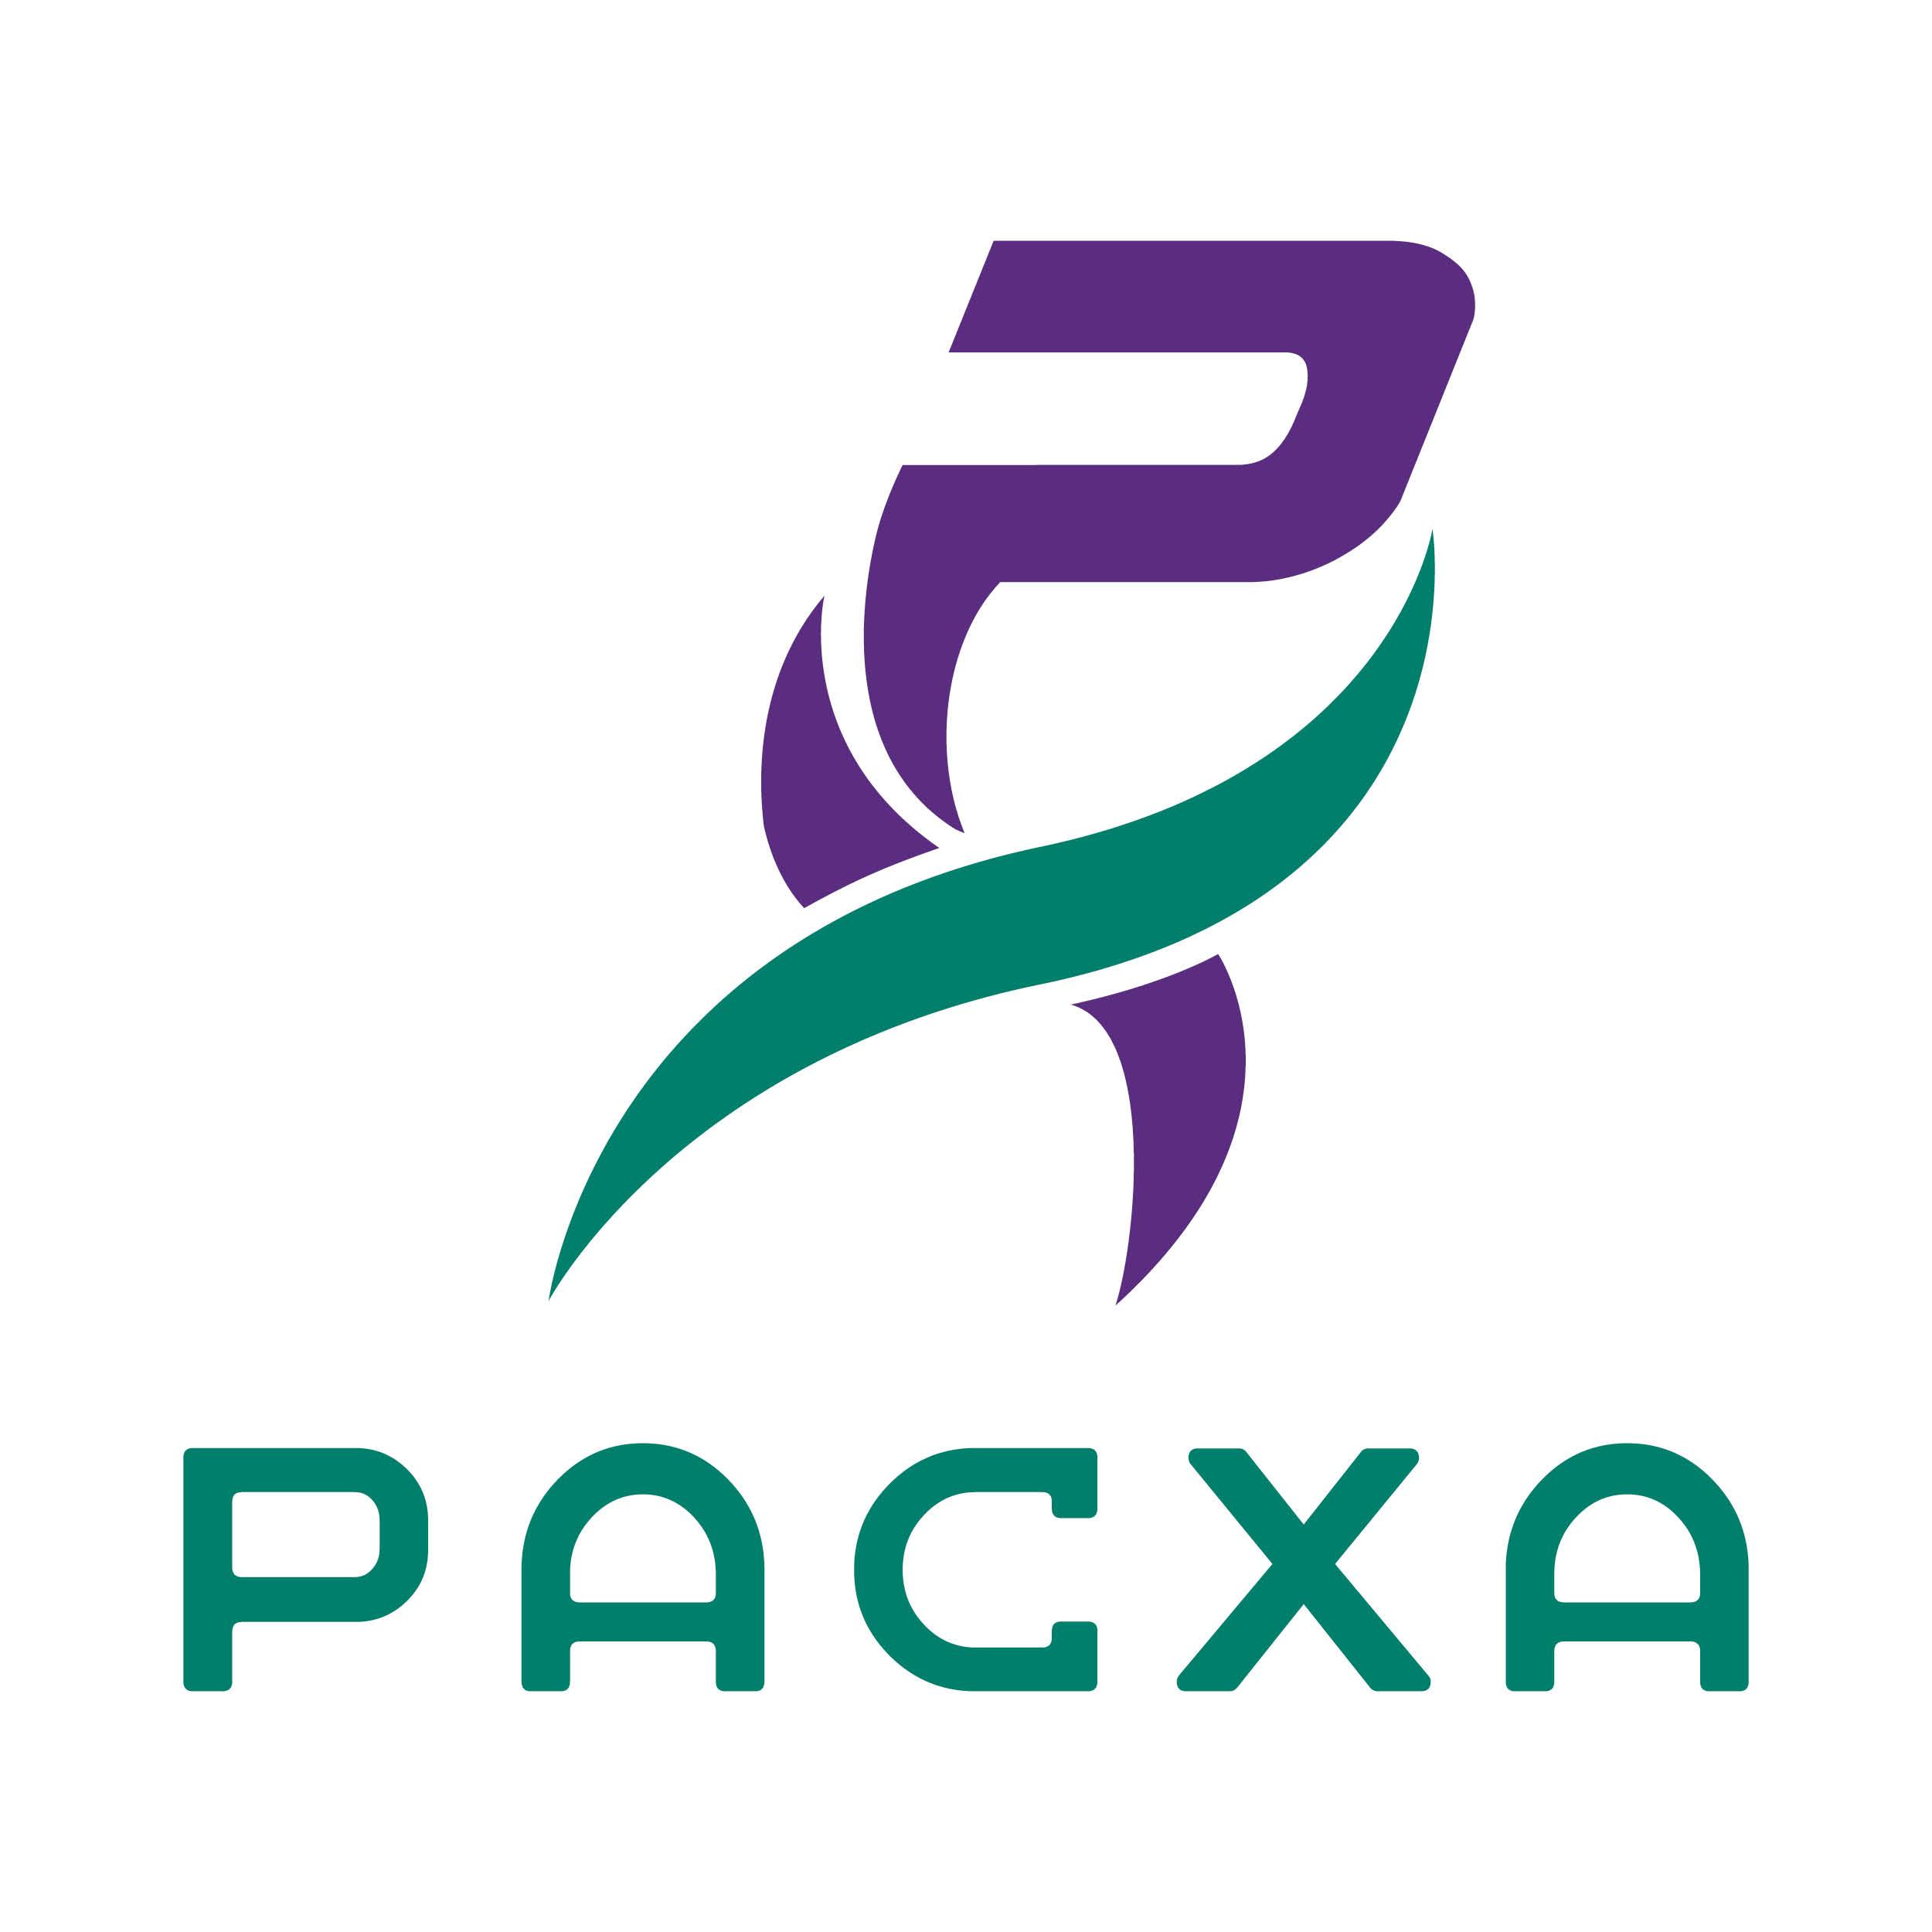 Pacxa.jpg